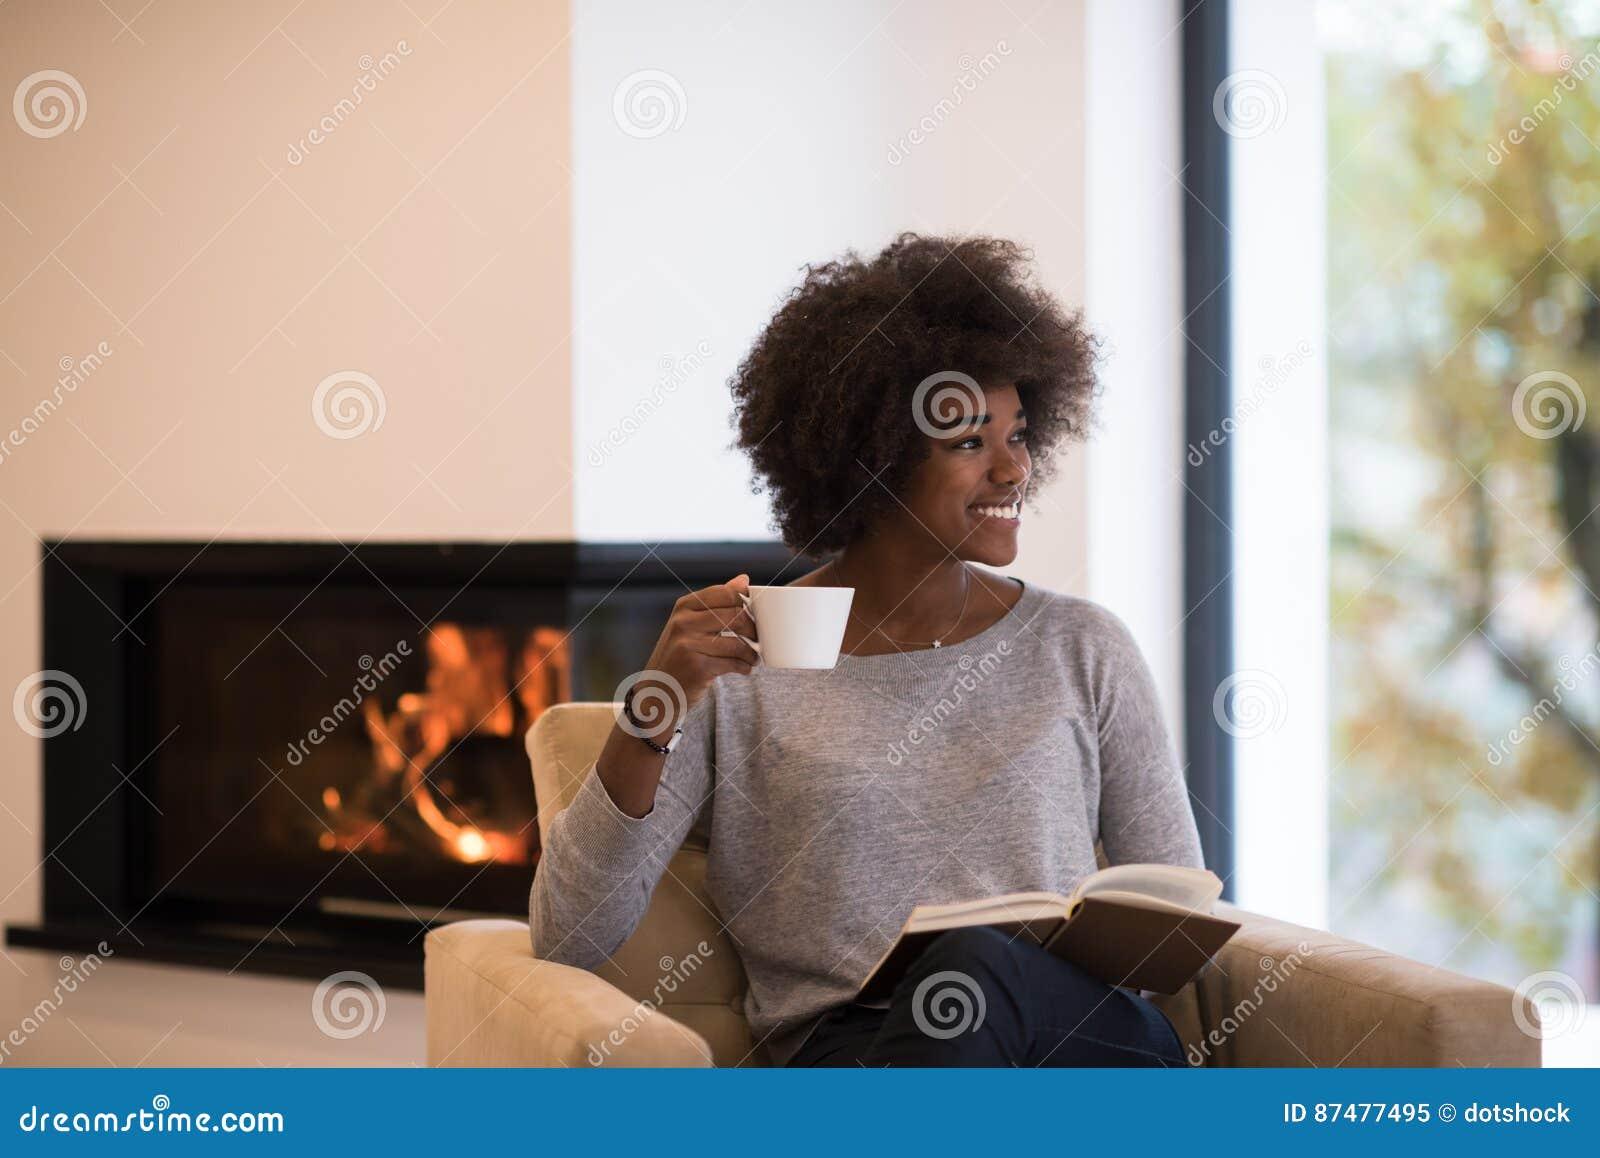 Книга чтения чернокожей женщины перед камином